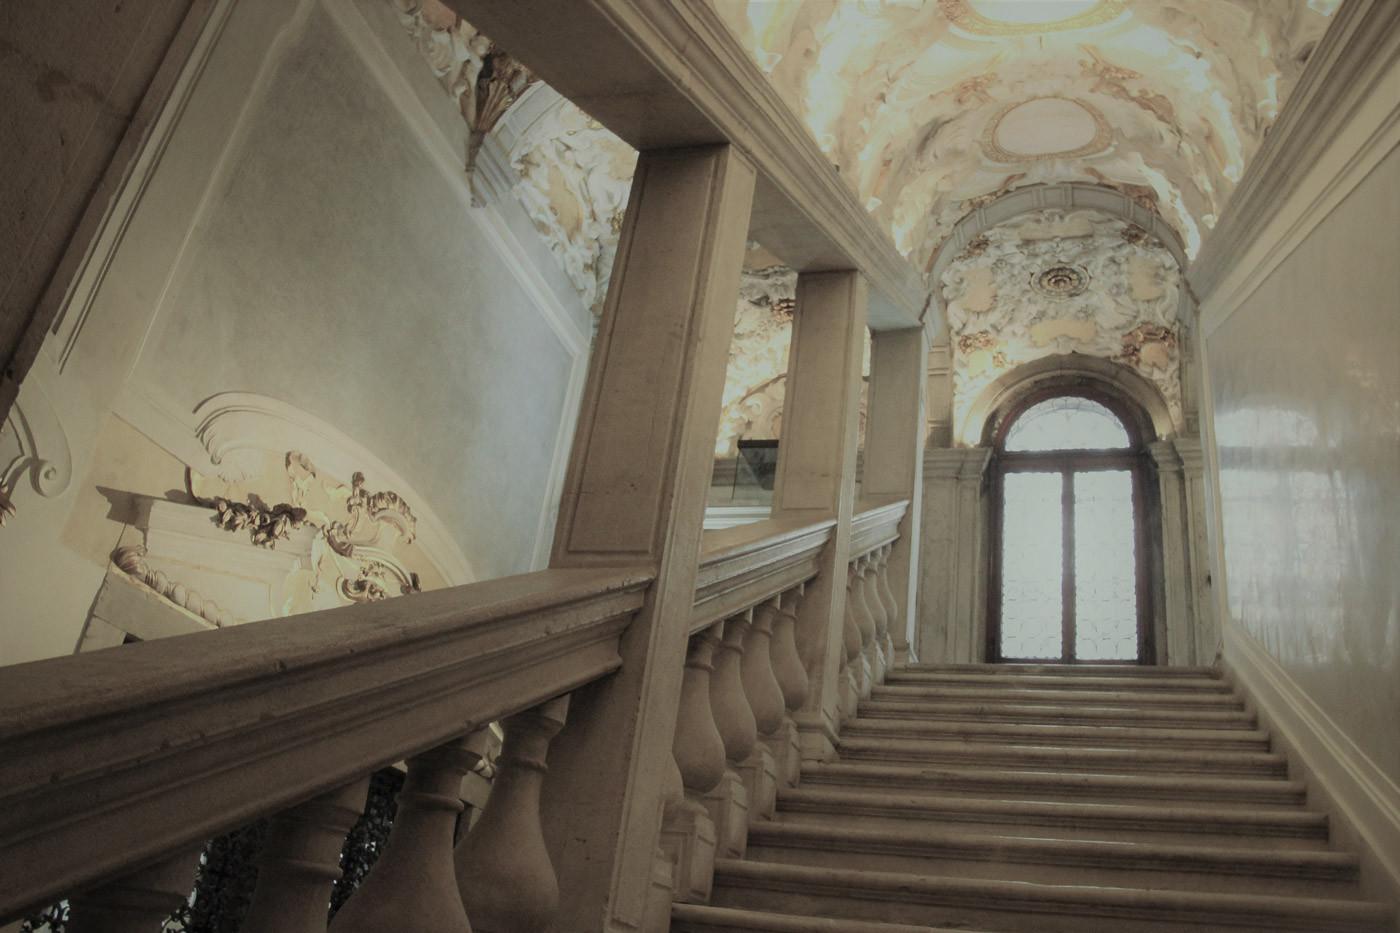 Escalera. Trabajo de estuco de Alvise Bossi